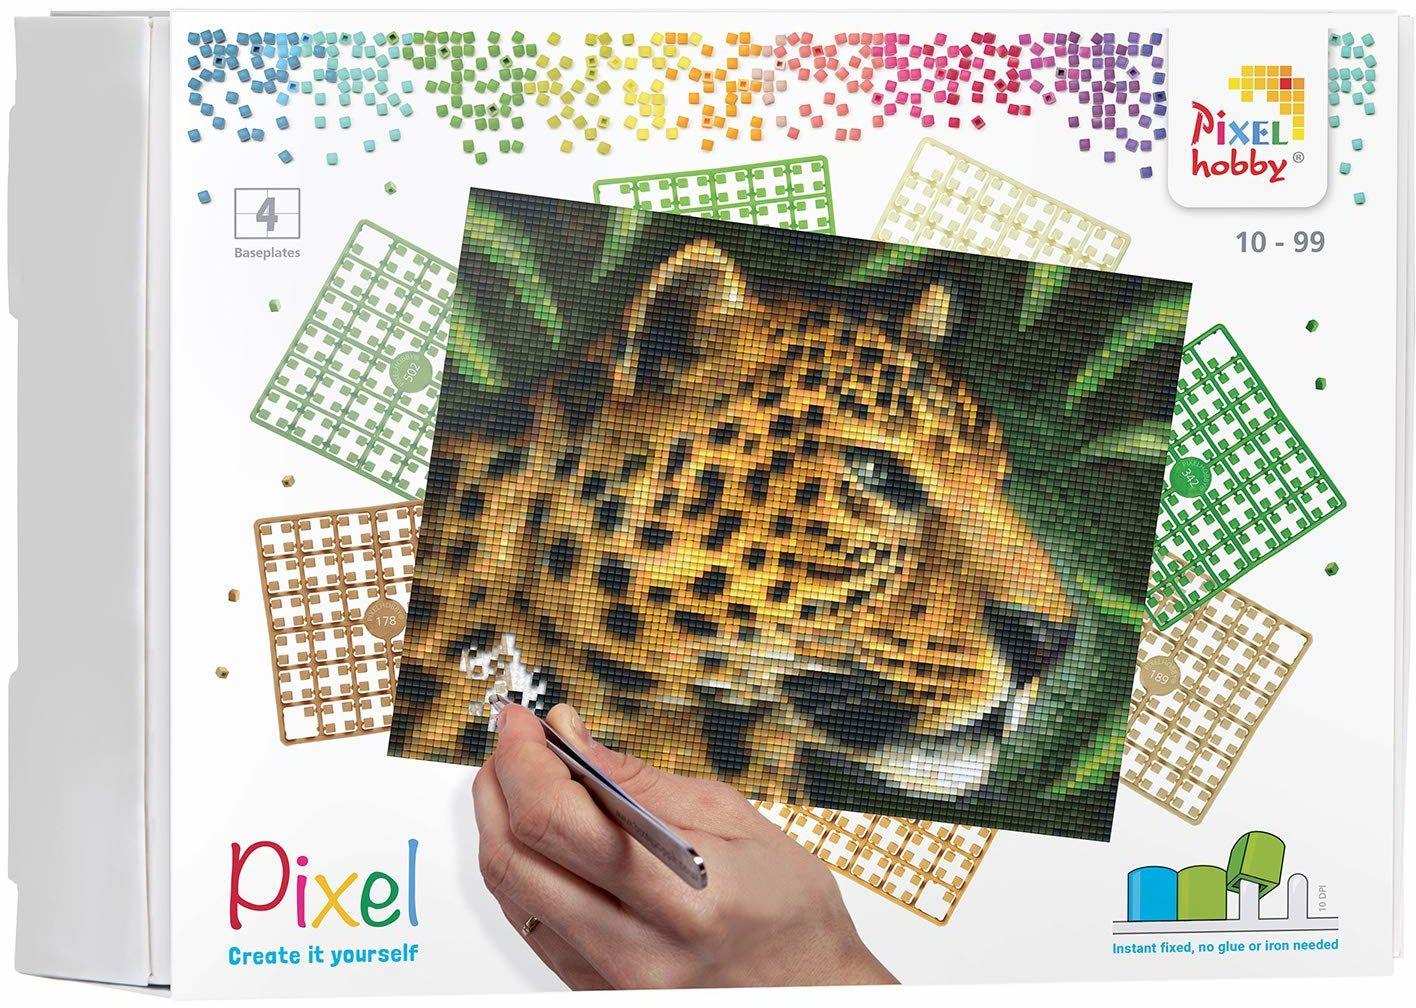 Pixel P090042 mozaik opakowanie na prezent leopard. Obraz pikseli około 25,4 x 20,3 cm rozmiar do tworzenia dla dzieci i dorosłych, kolorowy